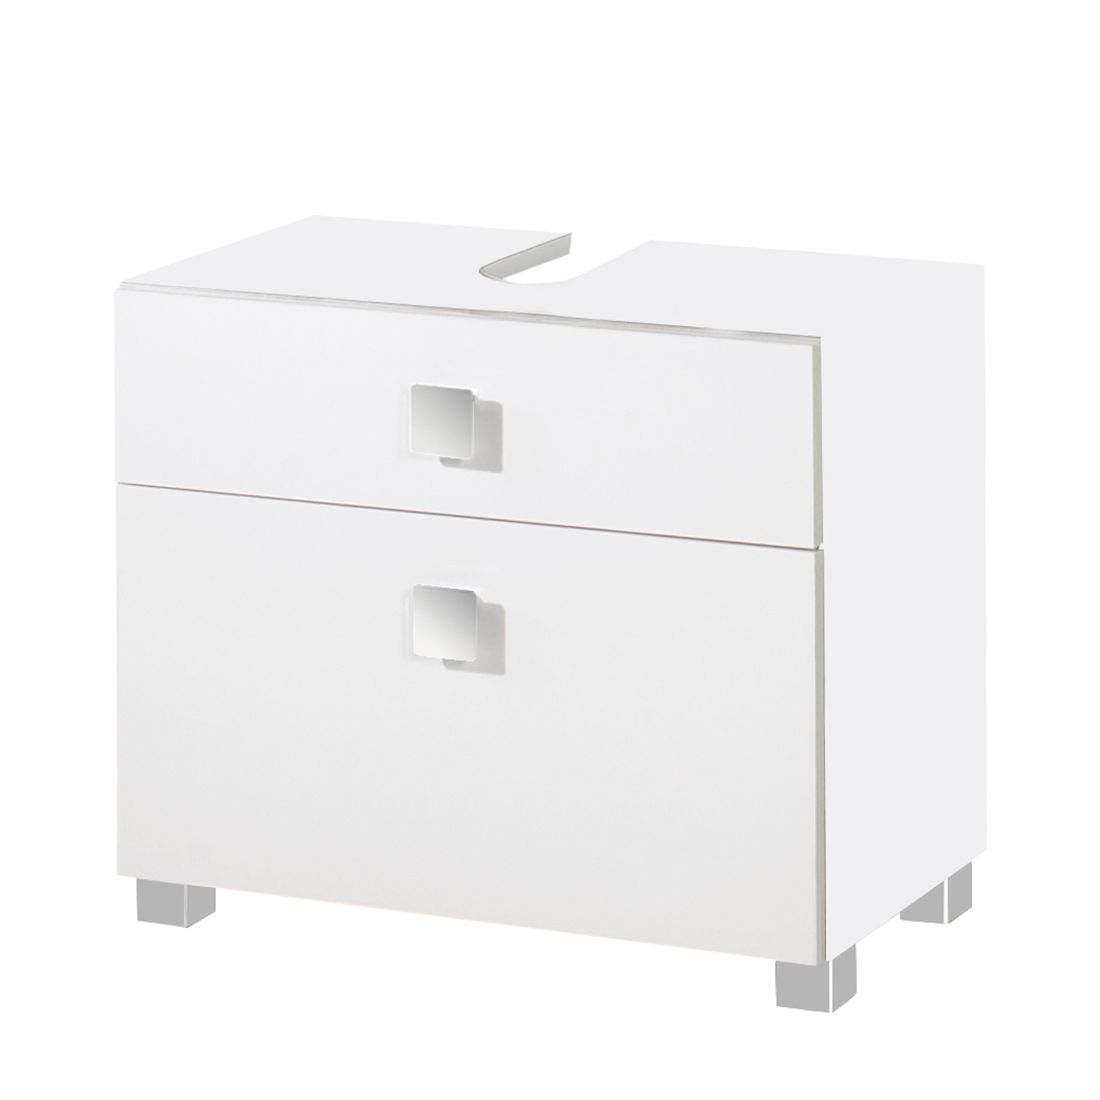 waschbeckenunterschrank genf wei glanz wei schrank. Black Bedroom Furniture Sets. Home Design Ideas